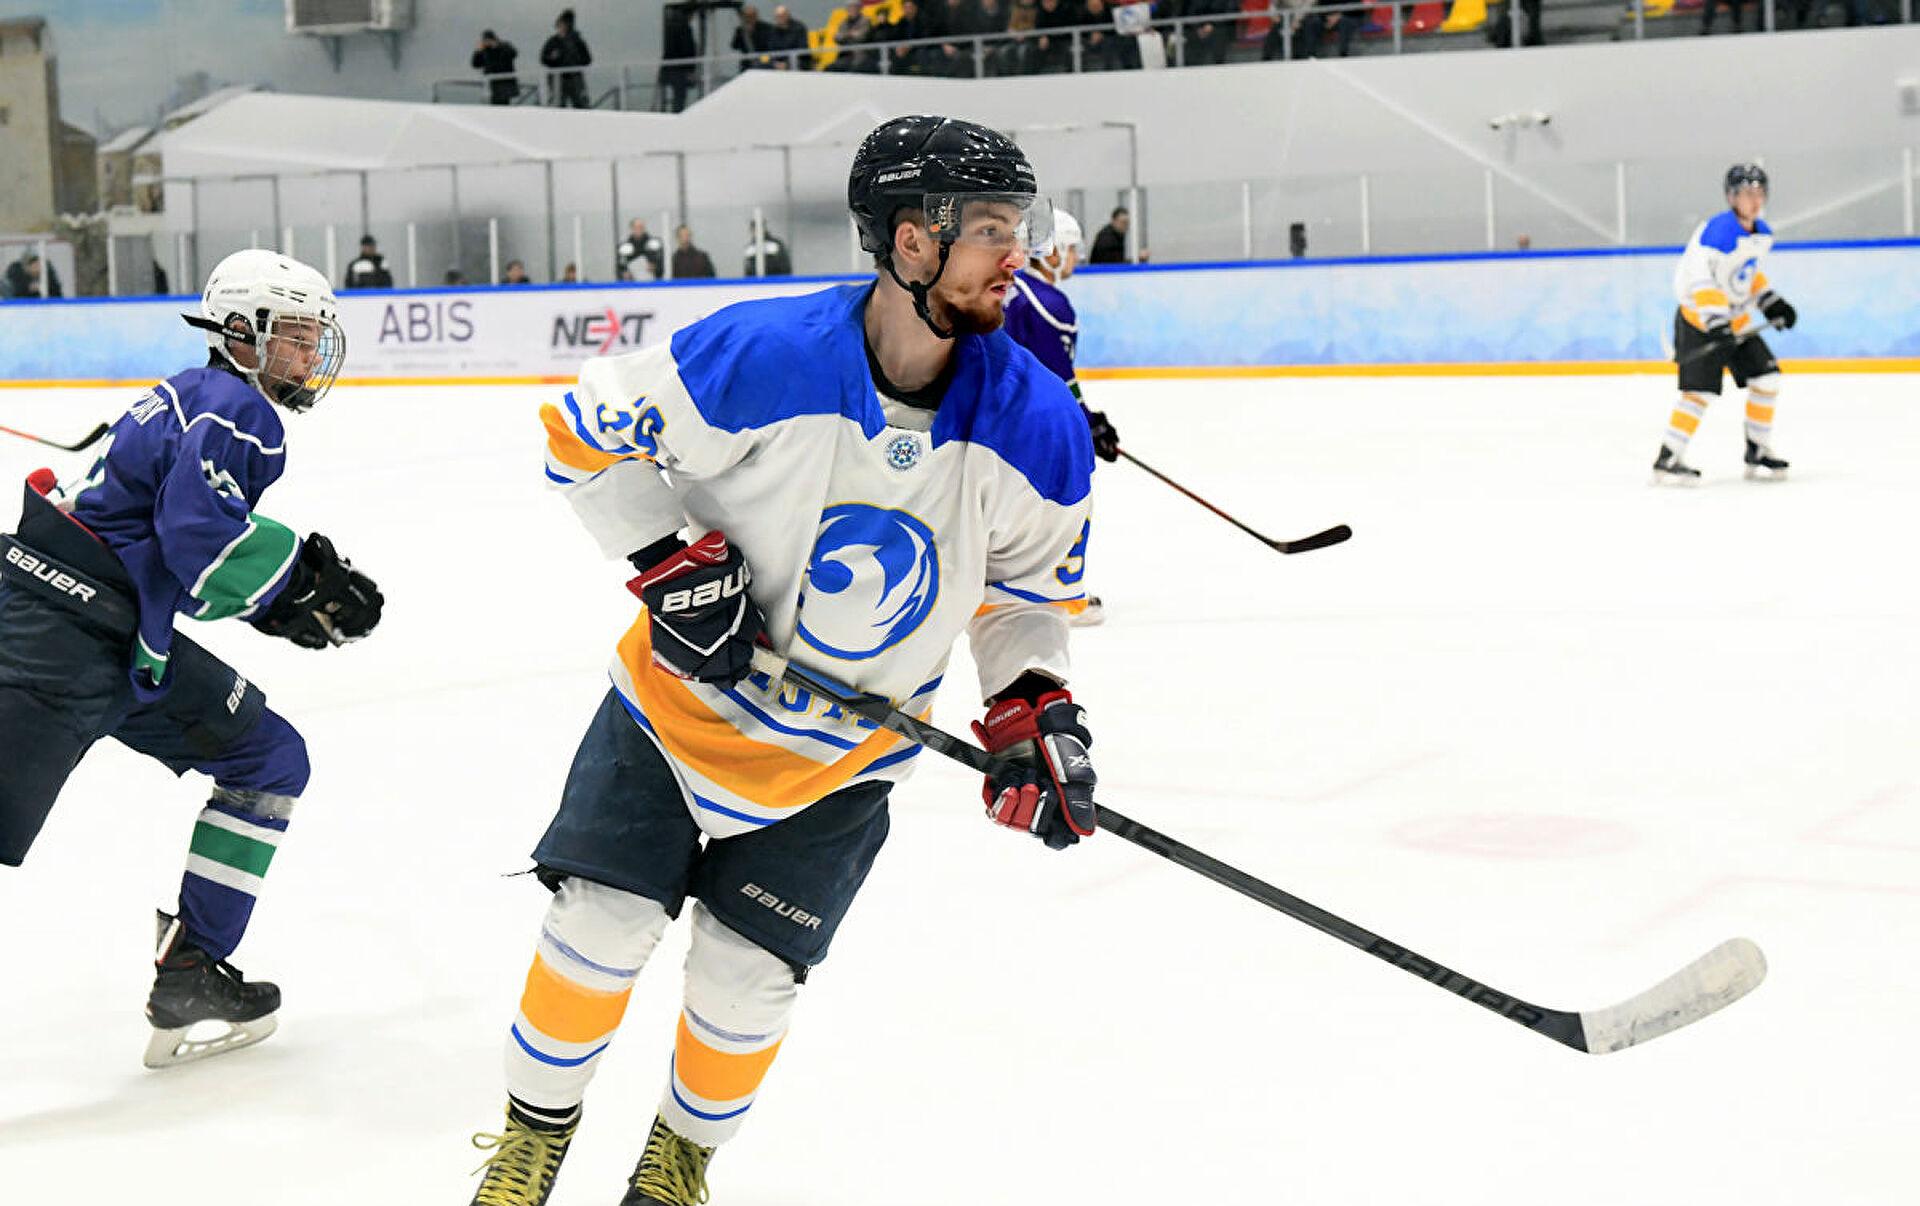 В Узбекистане создадут национальную сборную по хоккею